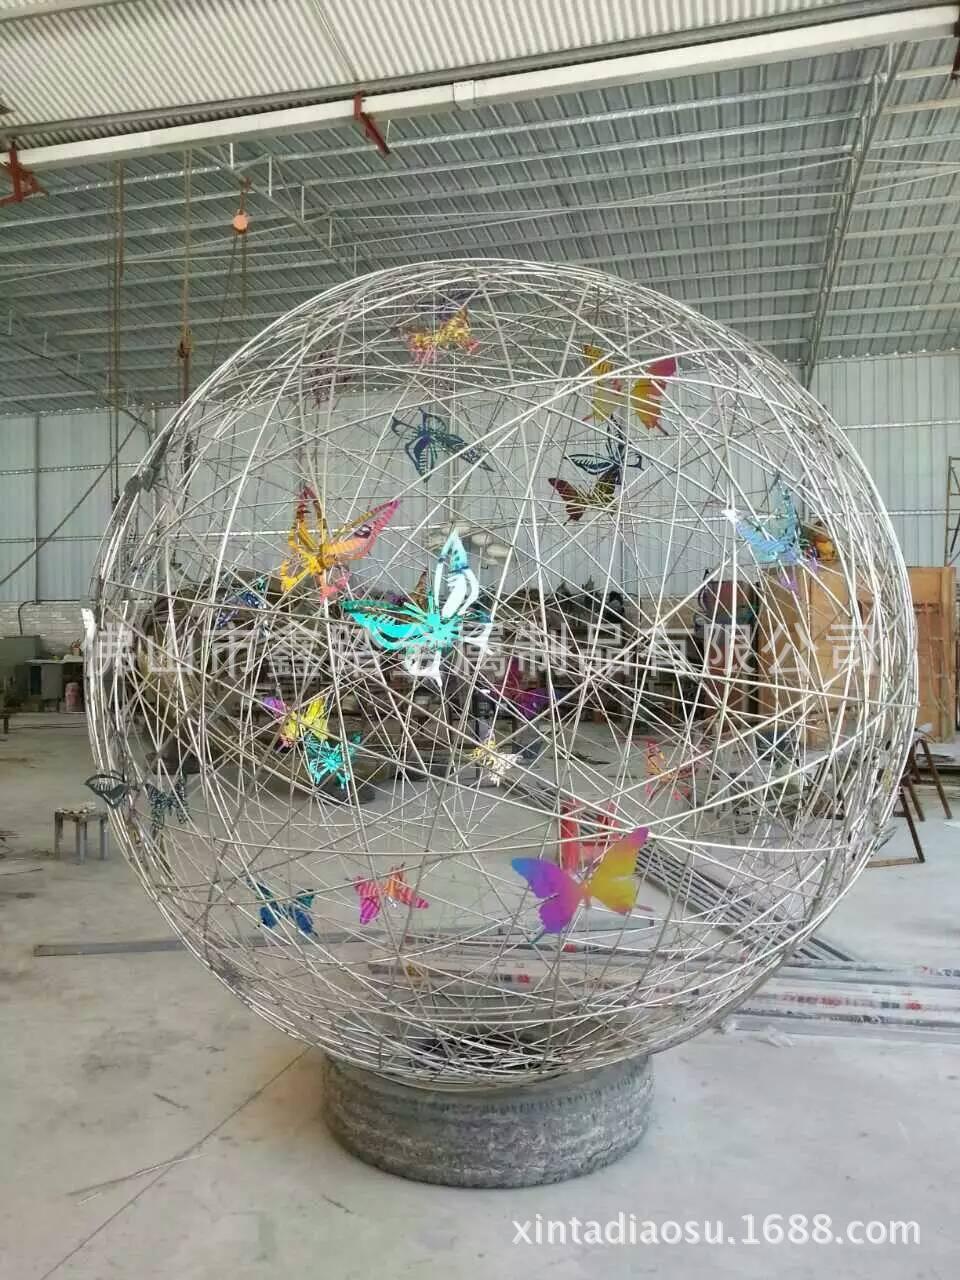 人造草坪大型304不锈钢镂空蚂蚁雕塑 白色氟碳漆表面安装效果图示例图11